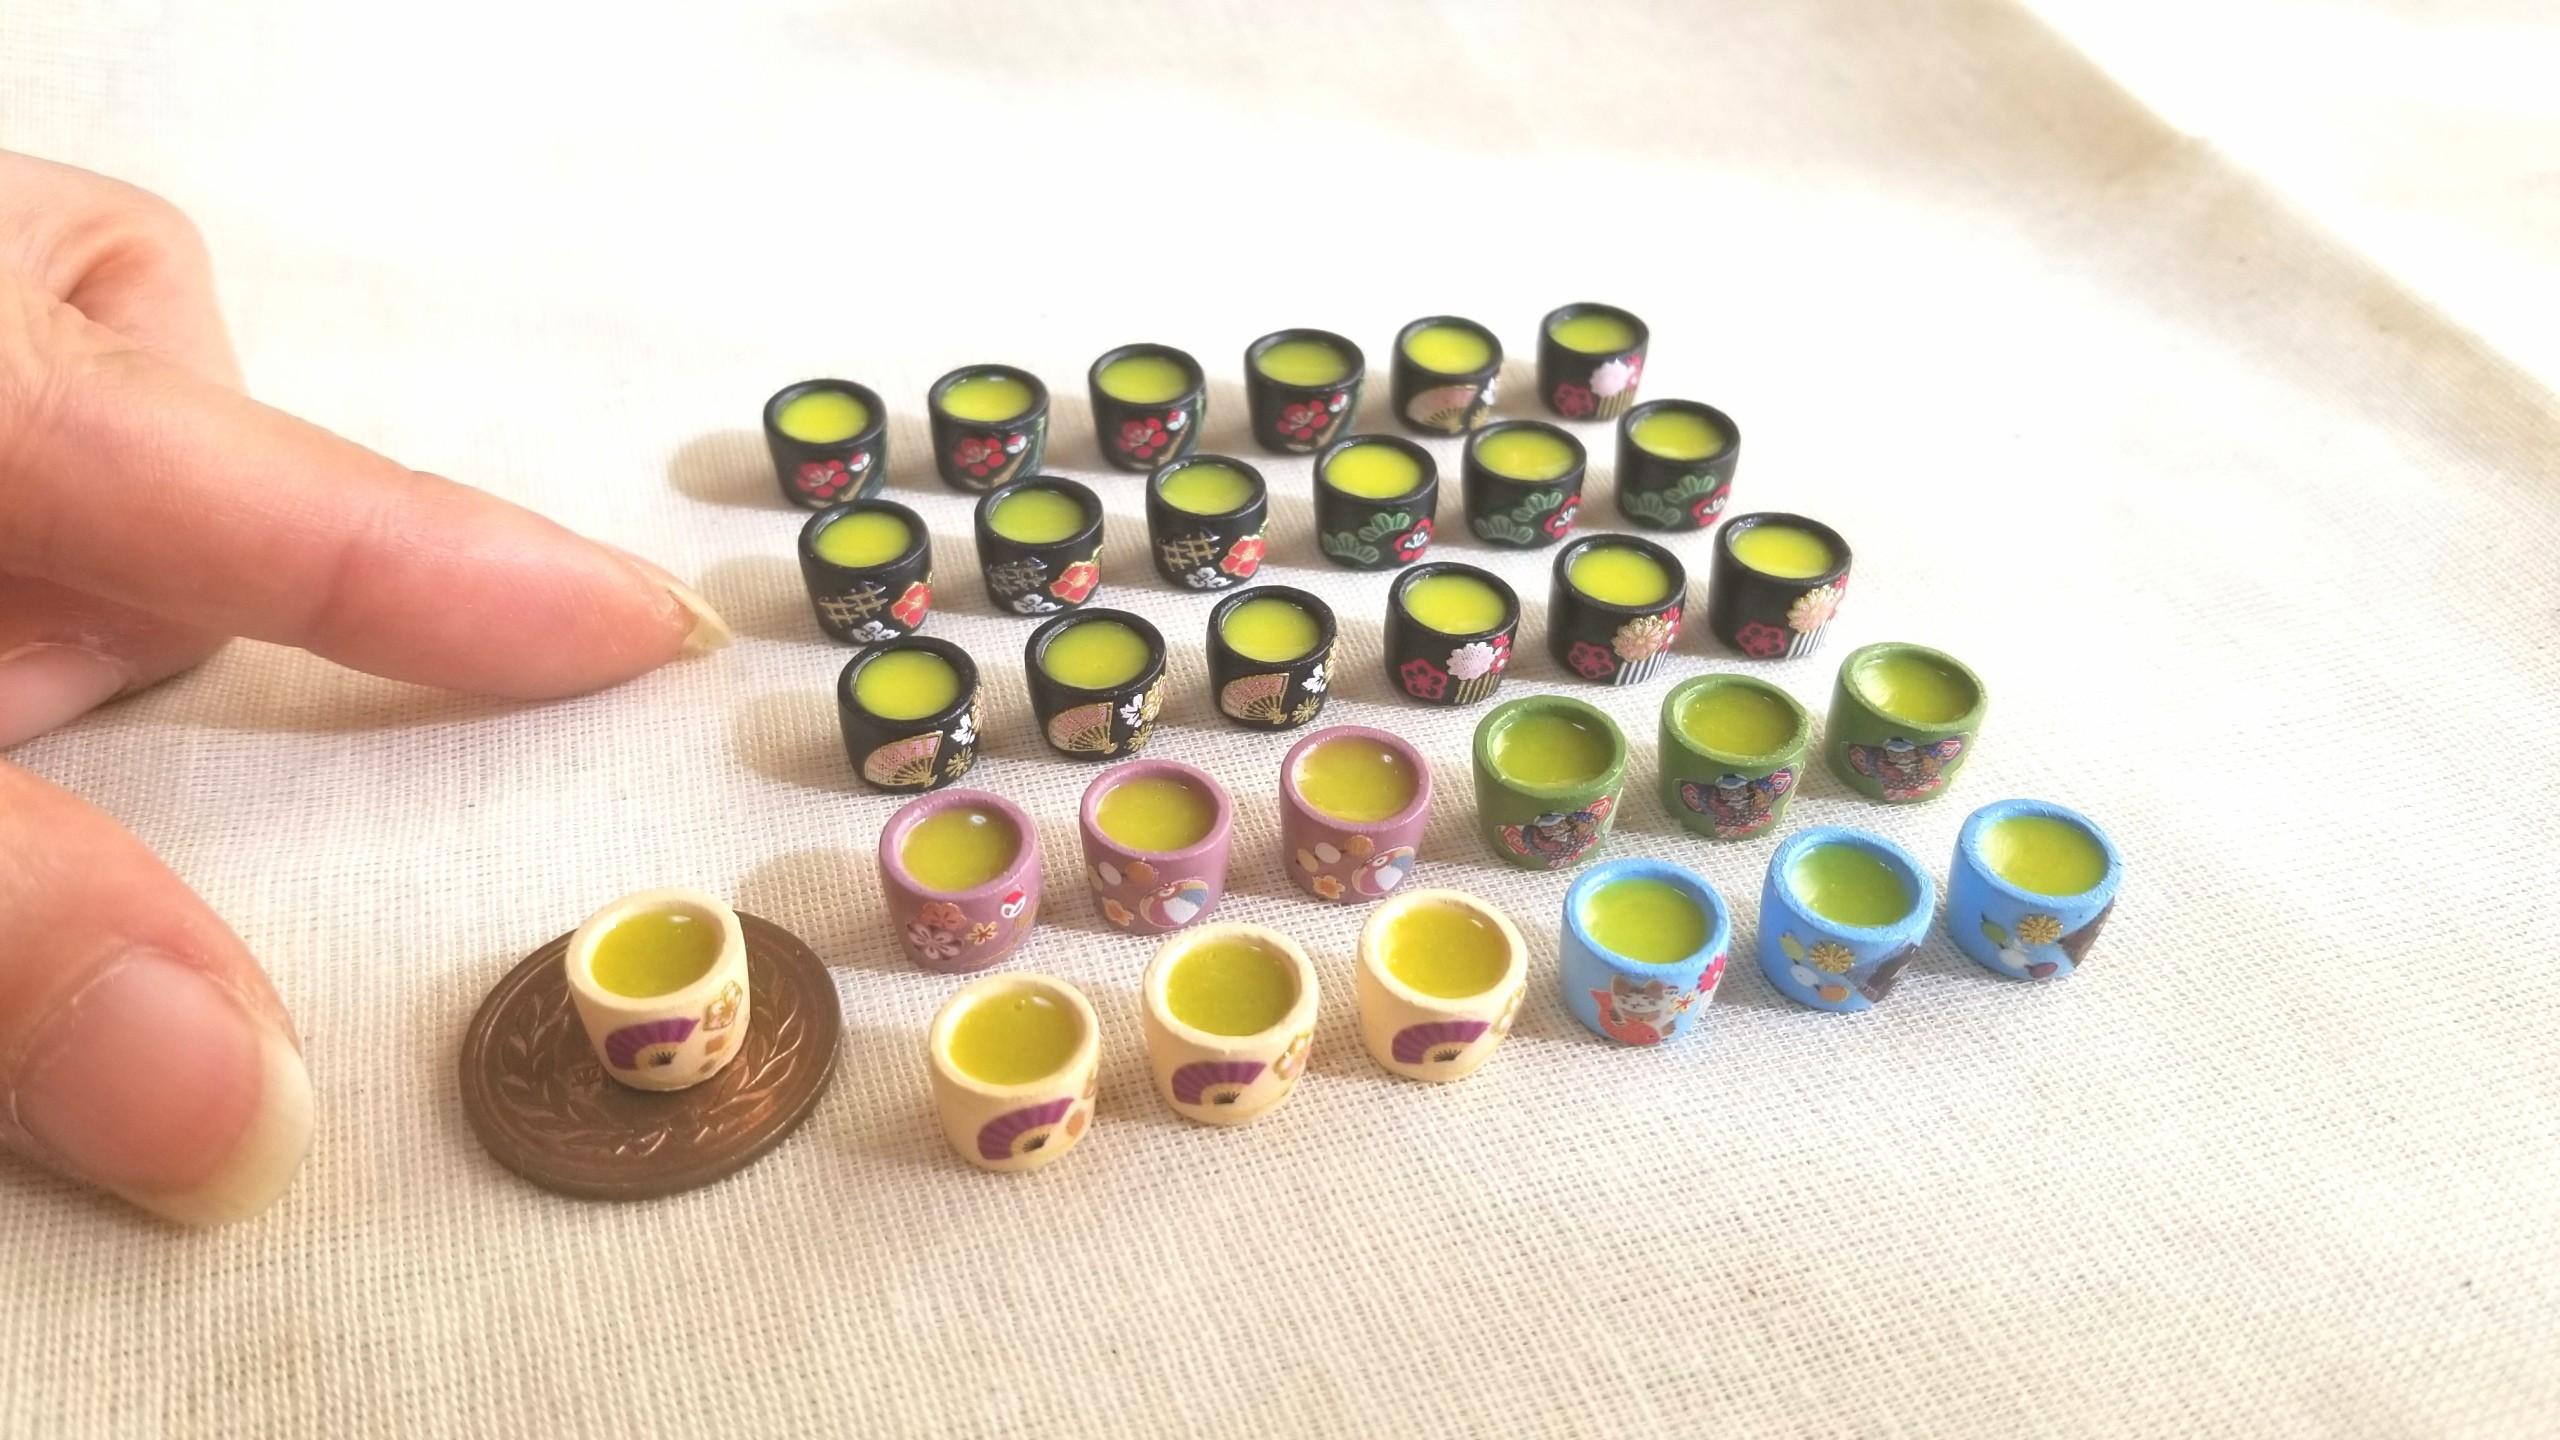 お茶,抹茶,ミニチュア,粘土,レジン,ドリンク,ドール,リカちゃん人形